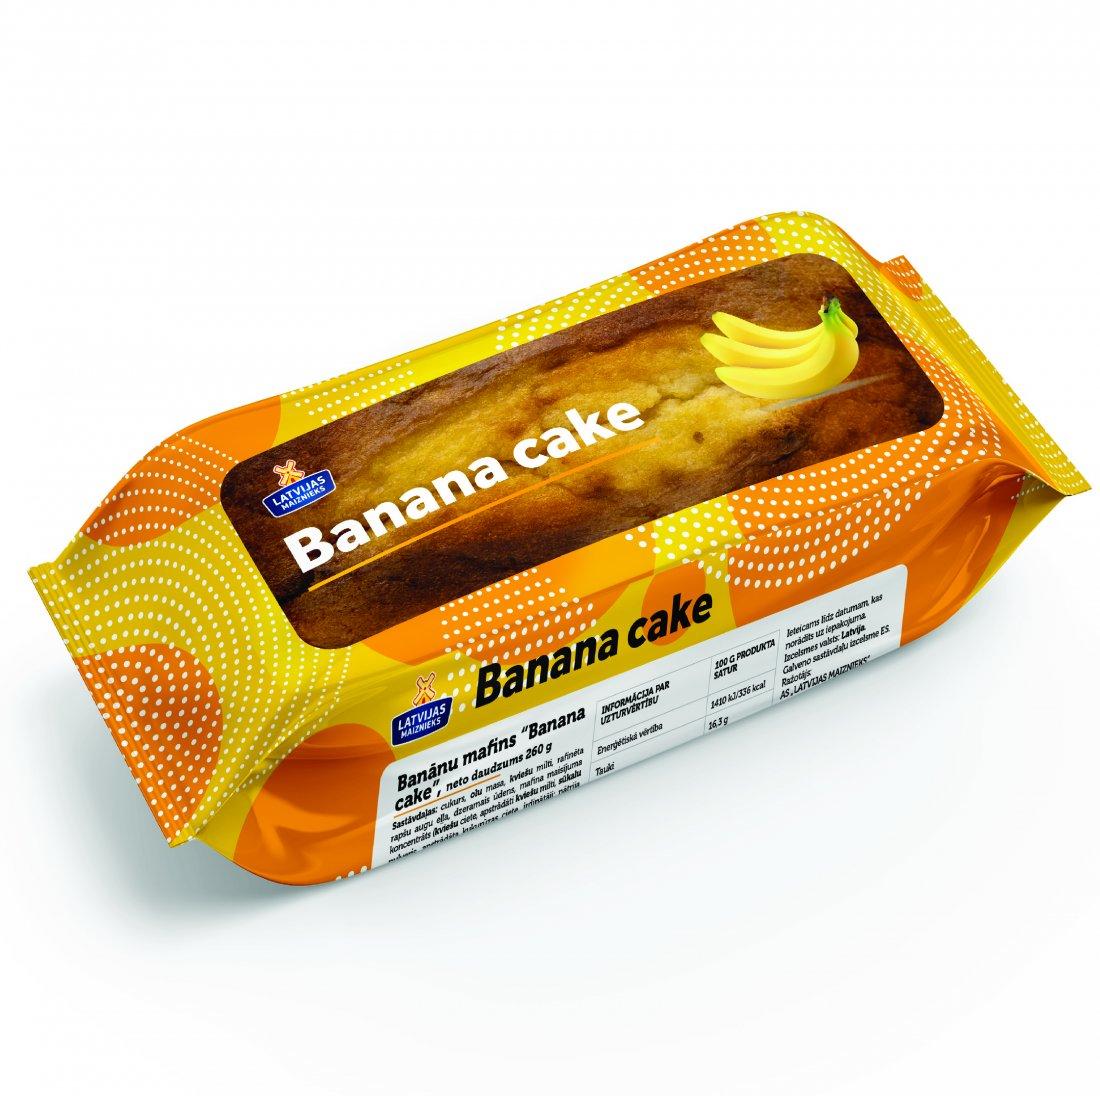 NEW! Banana cake